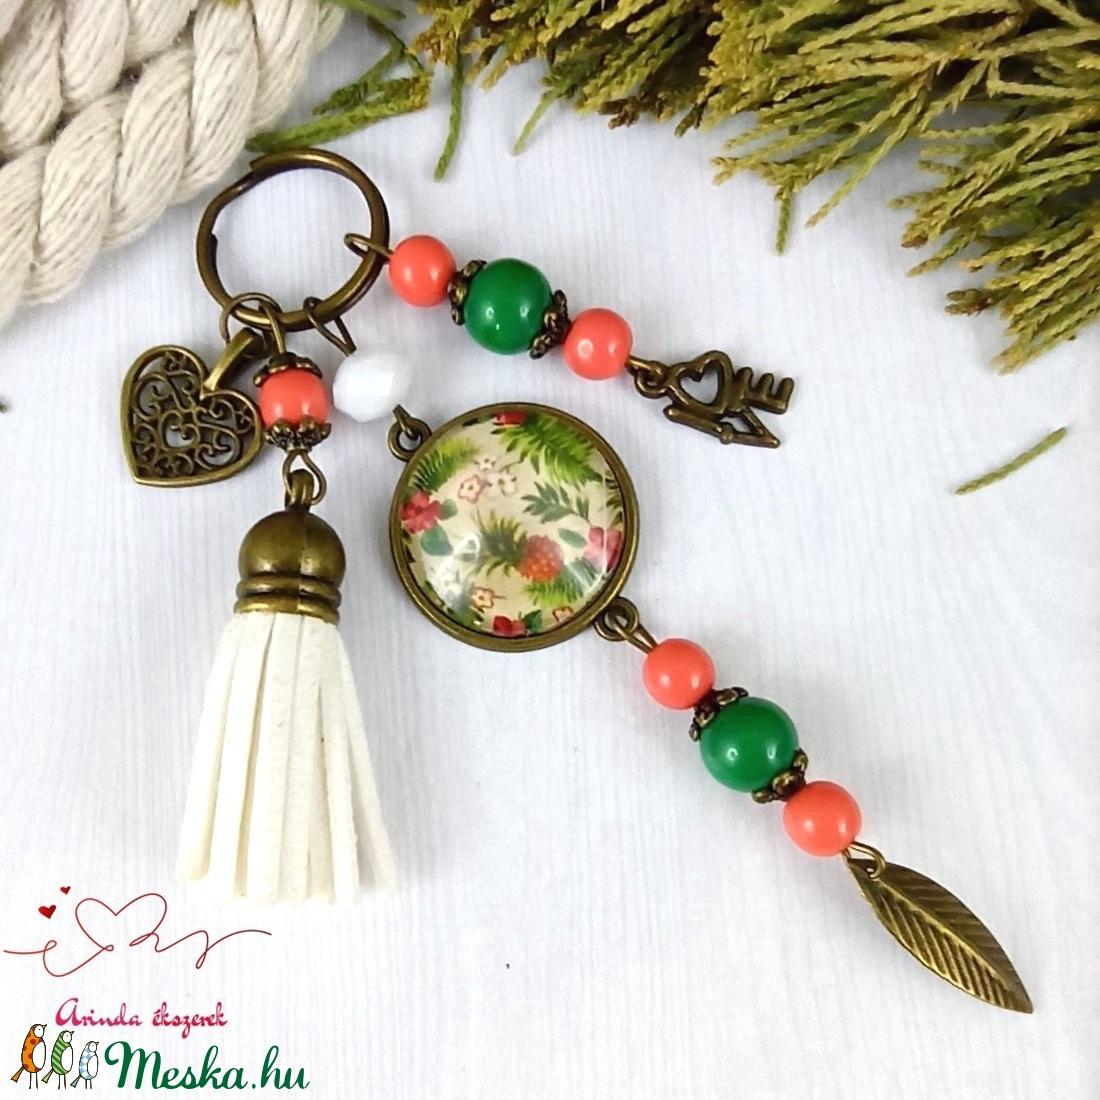 Irány a trópusok! bojtos üveglencsés kulcstartó táskadísz bojtos nyár mikulás karácsony szülinap névnap ajándék  - táska & tok - kulcstartó & táskadísz - kulcstartó - Meska.hu